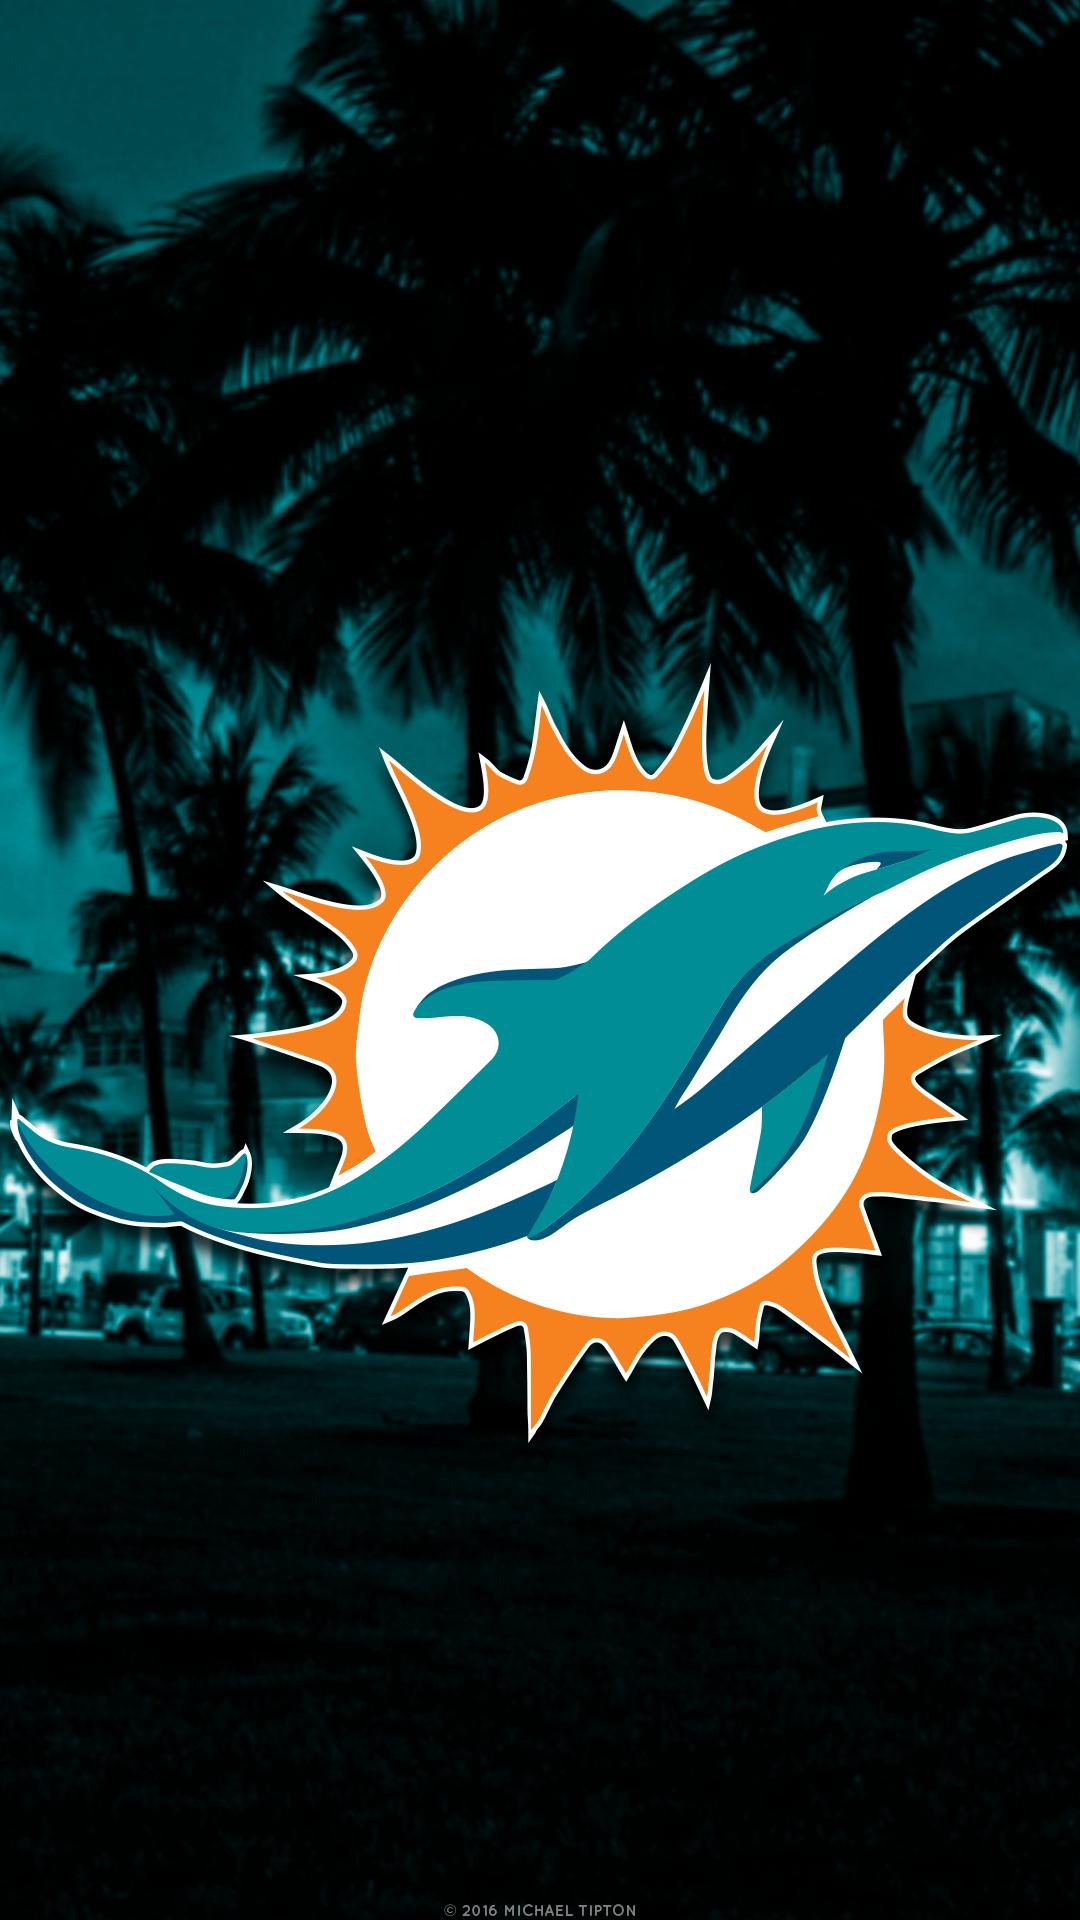 Miami Dolphins Wallpaper Iphone 7 Plus Miami Dolphins Wallpaper Miami Dolphins Logo Miami Dolphins